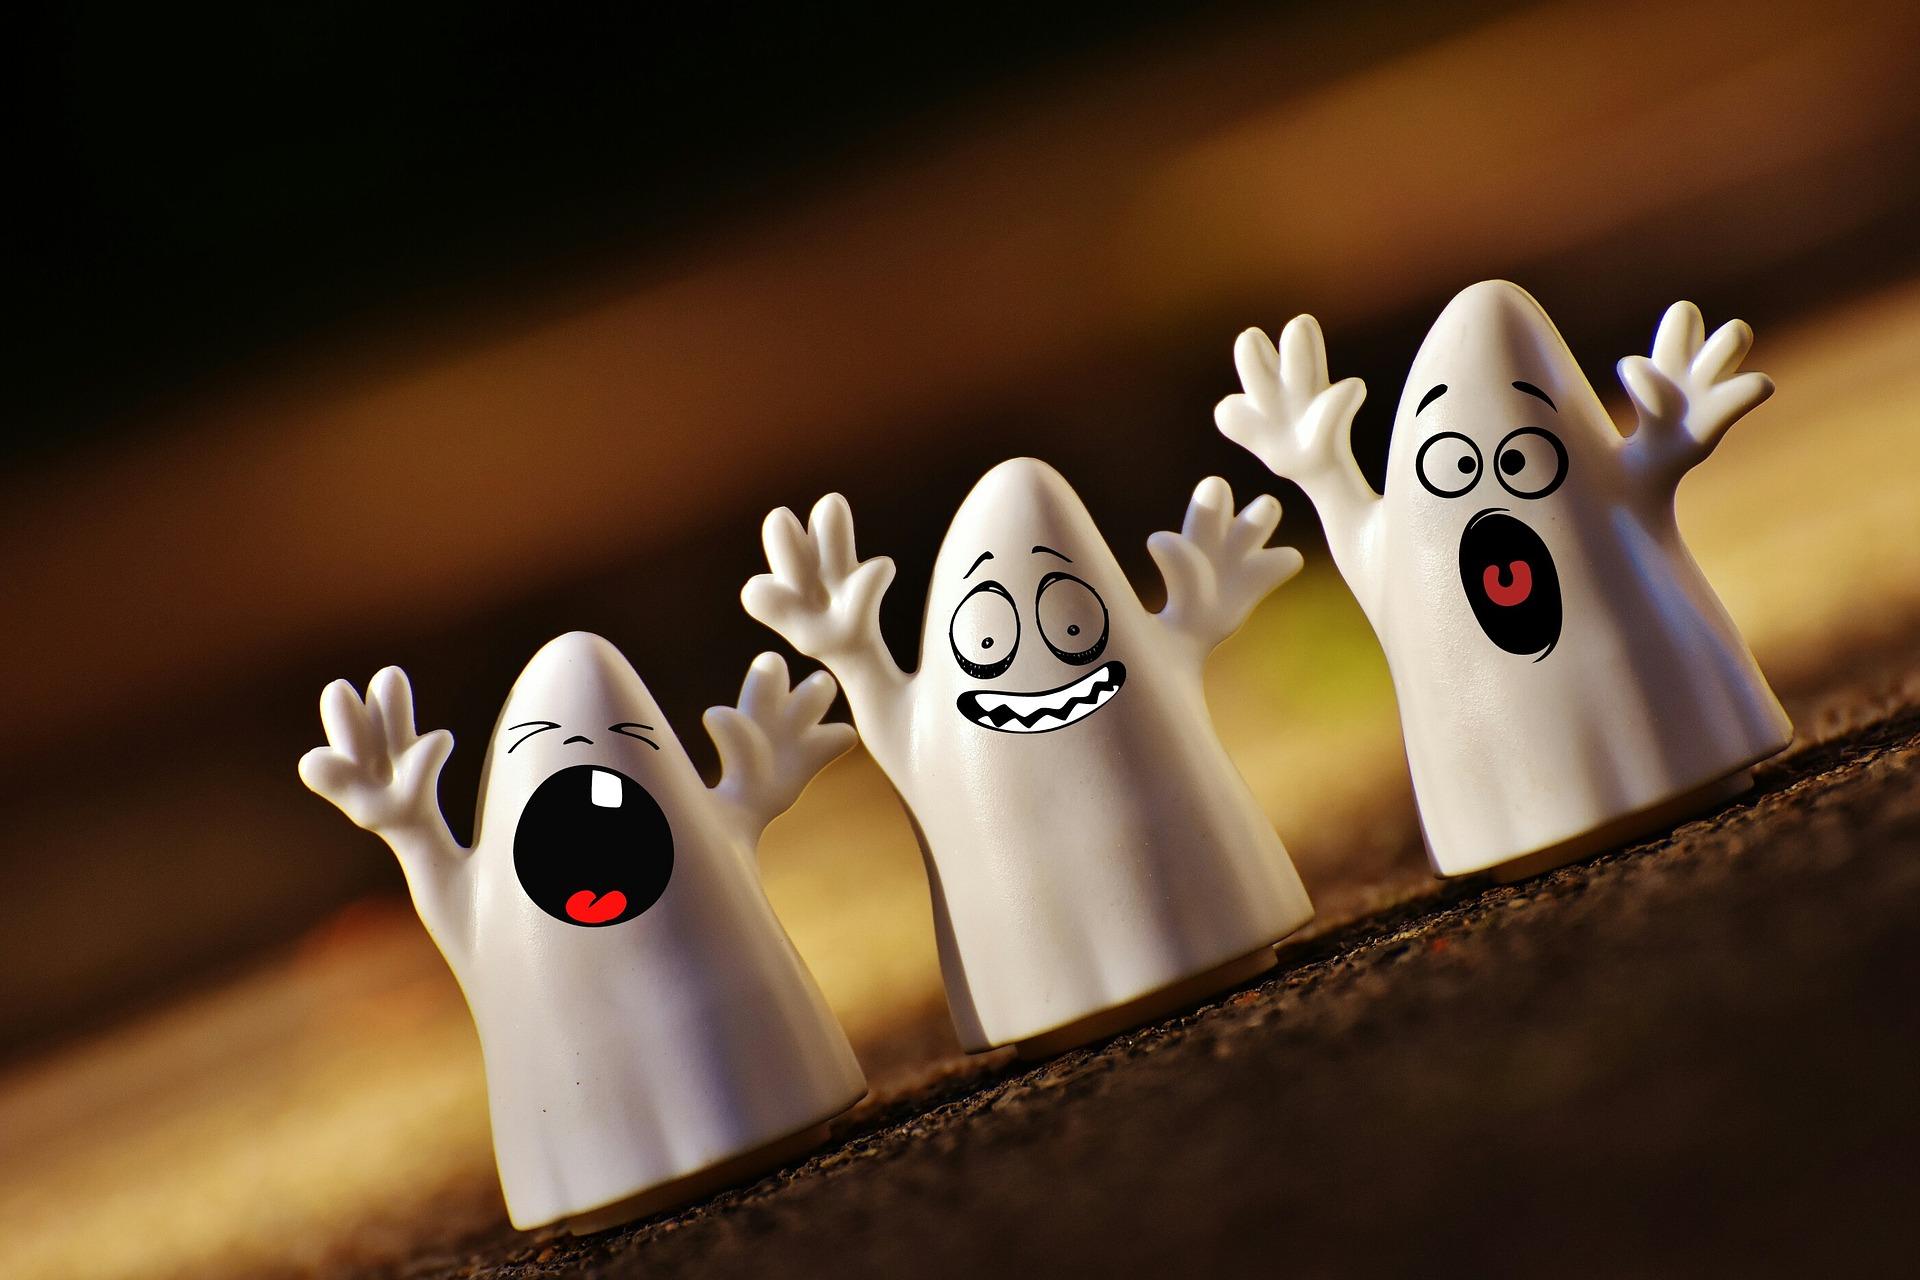 Tre piccoli fantasmi in plastica sul tavolo